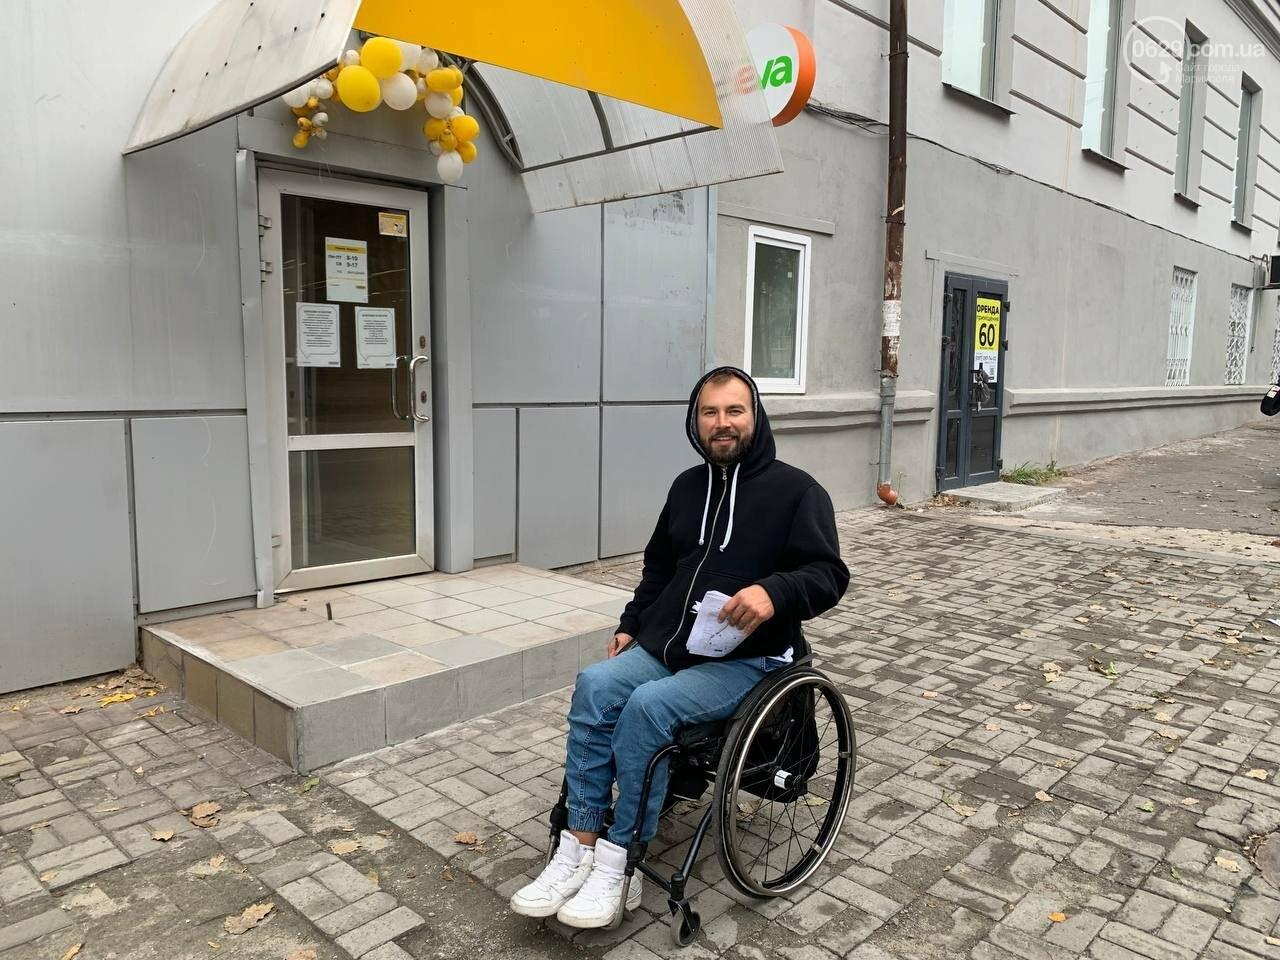 Маріуполь (не) доступний: інтерв'ю з Дмитром Щебетюком, одним з сотні найвпливовіших людей України, - ФОТО, фото-9